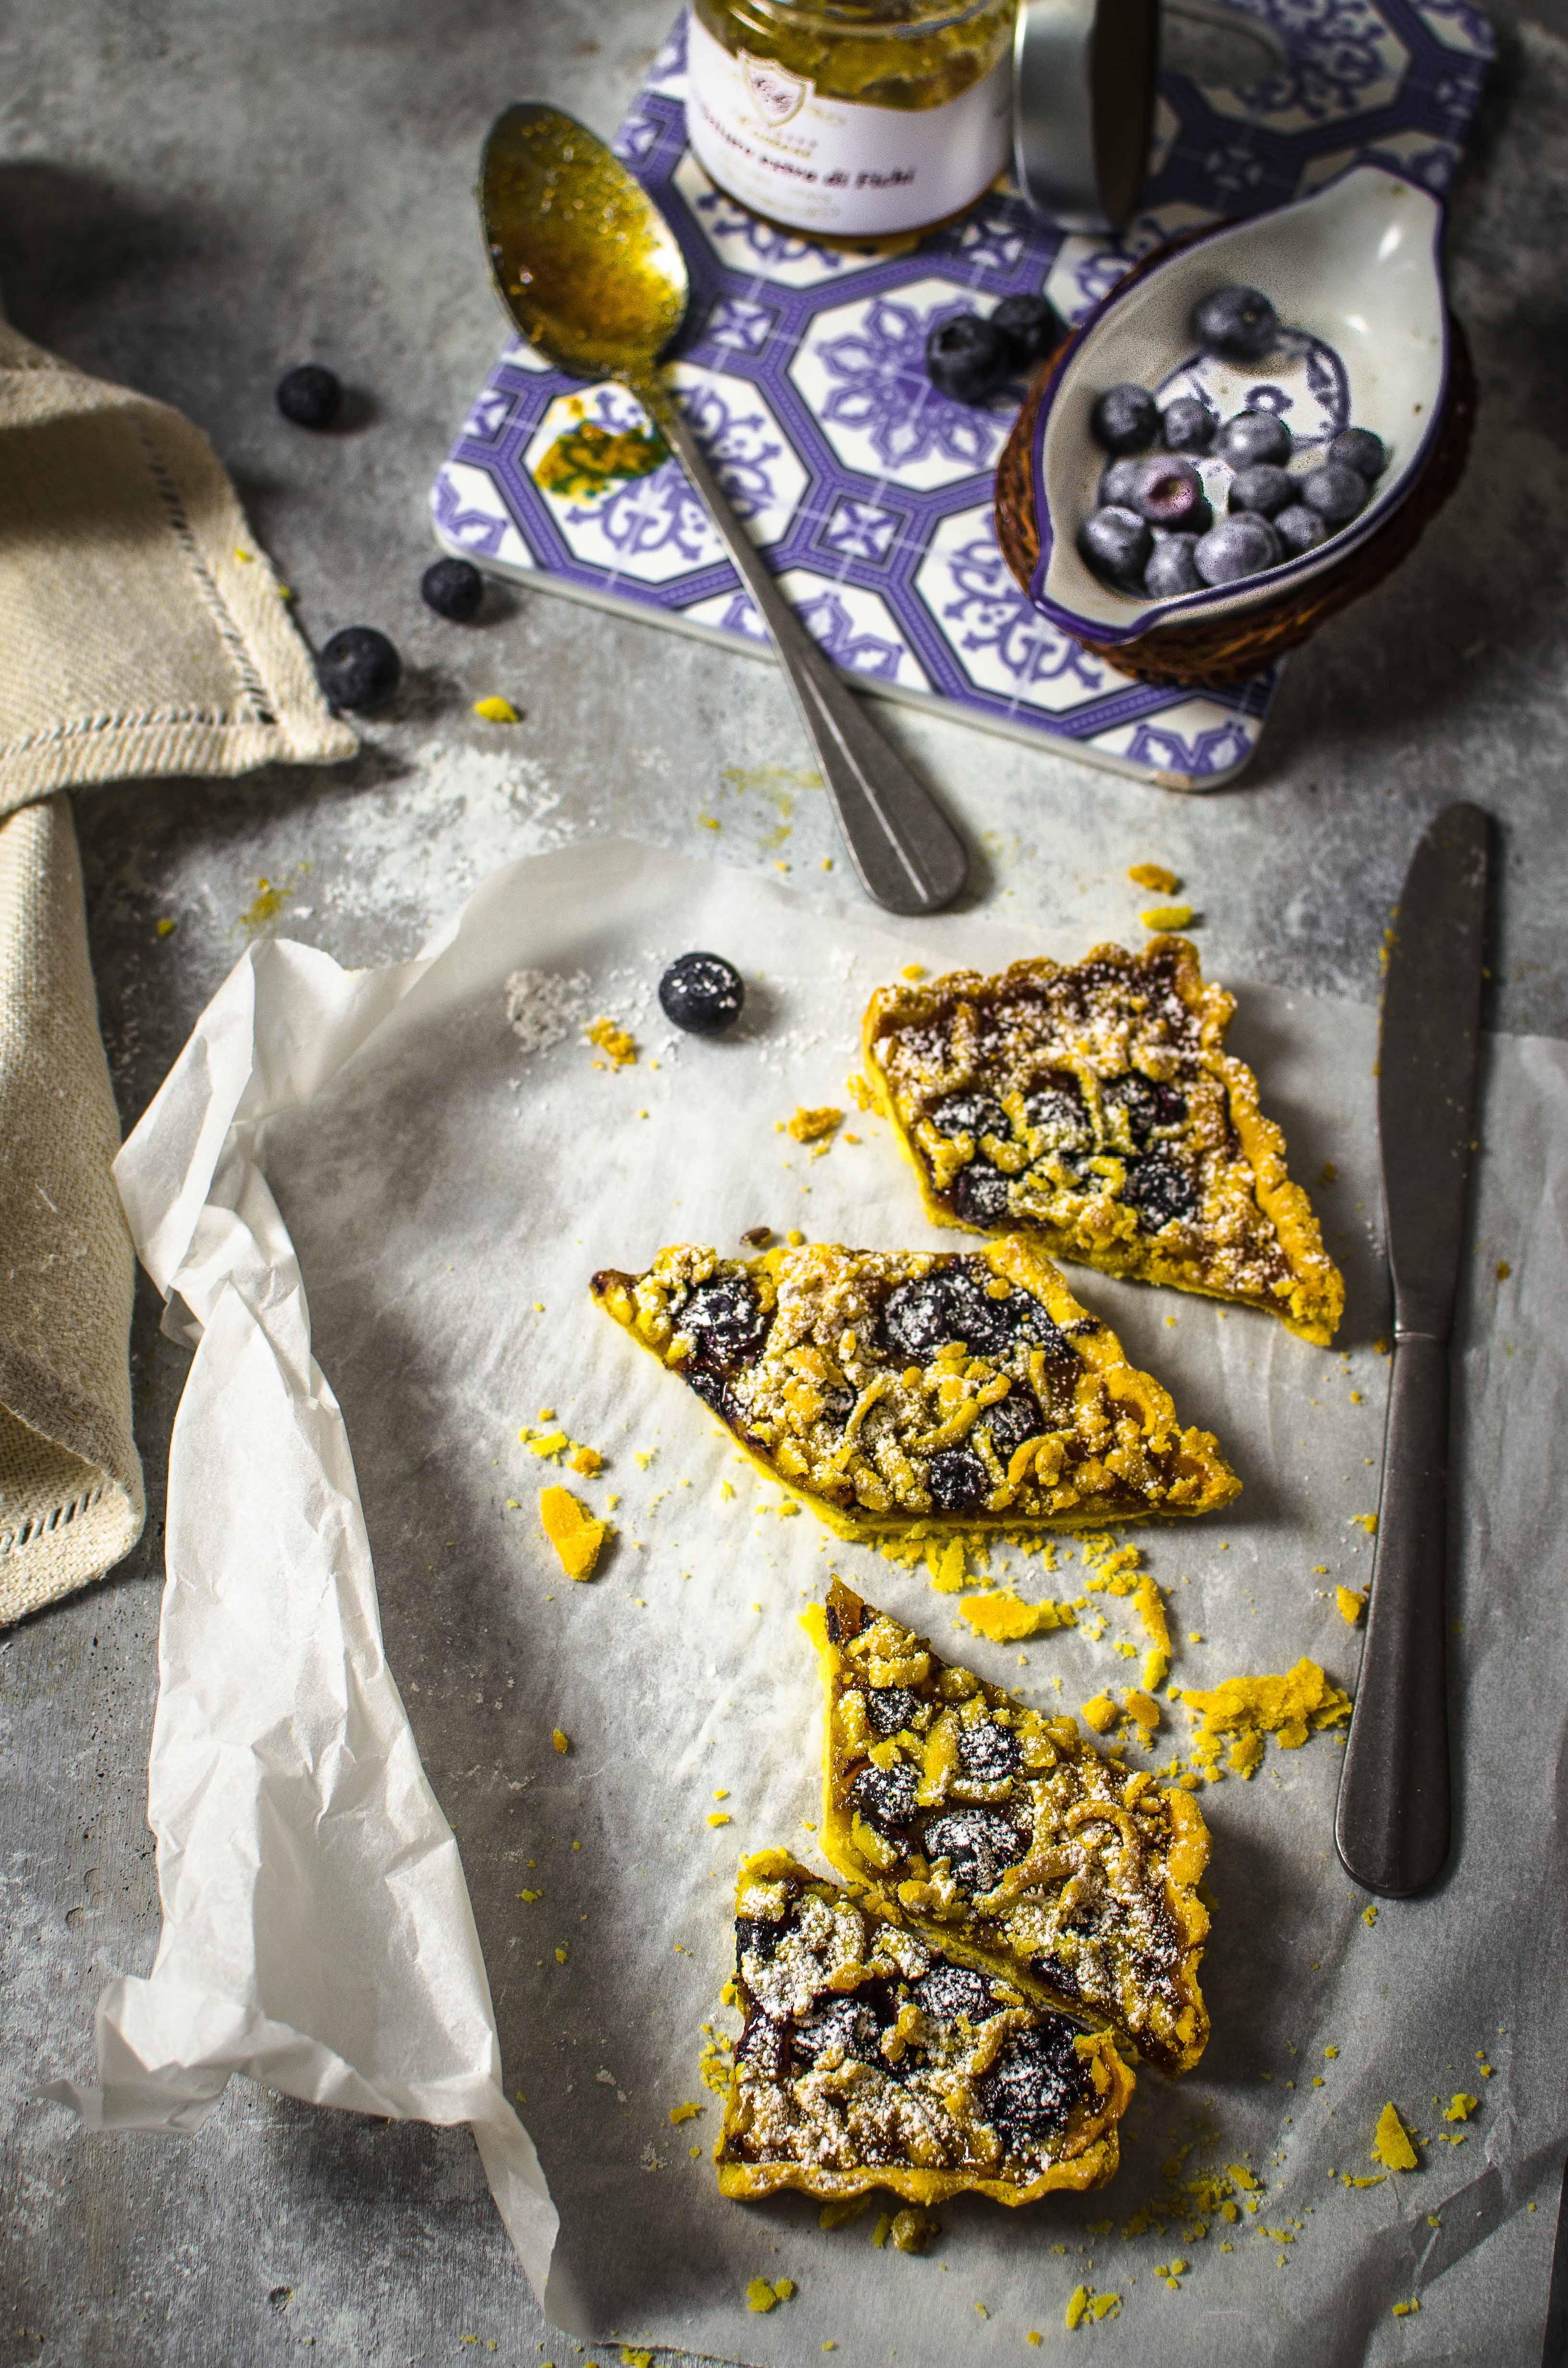 corstata-pasta-frolla-fatta-in-casa Crostata con farina di mais, confettura di fichi e mirtilli freschi